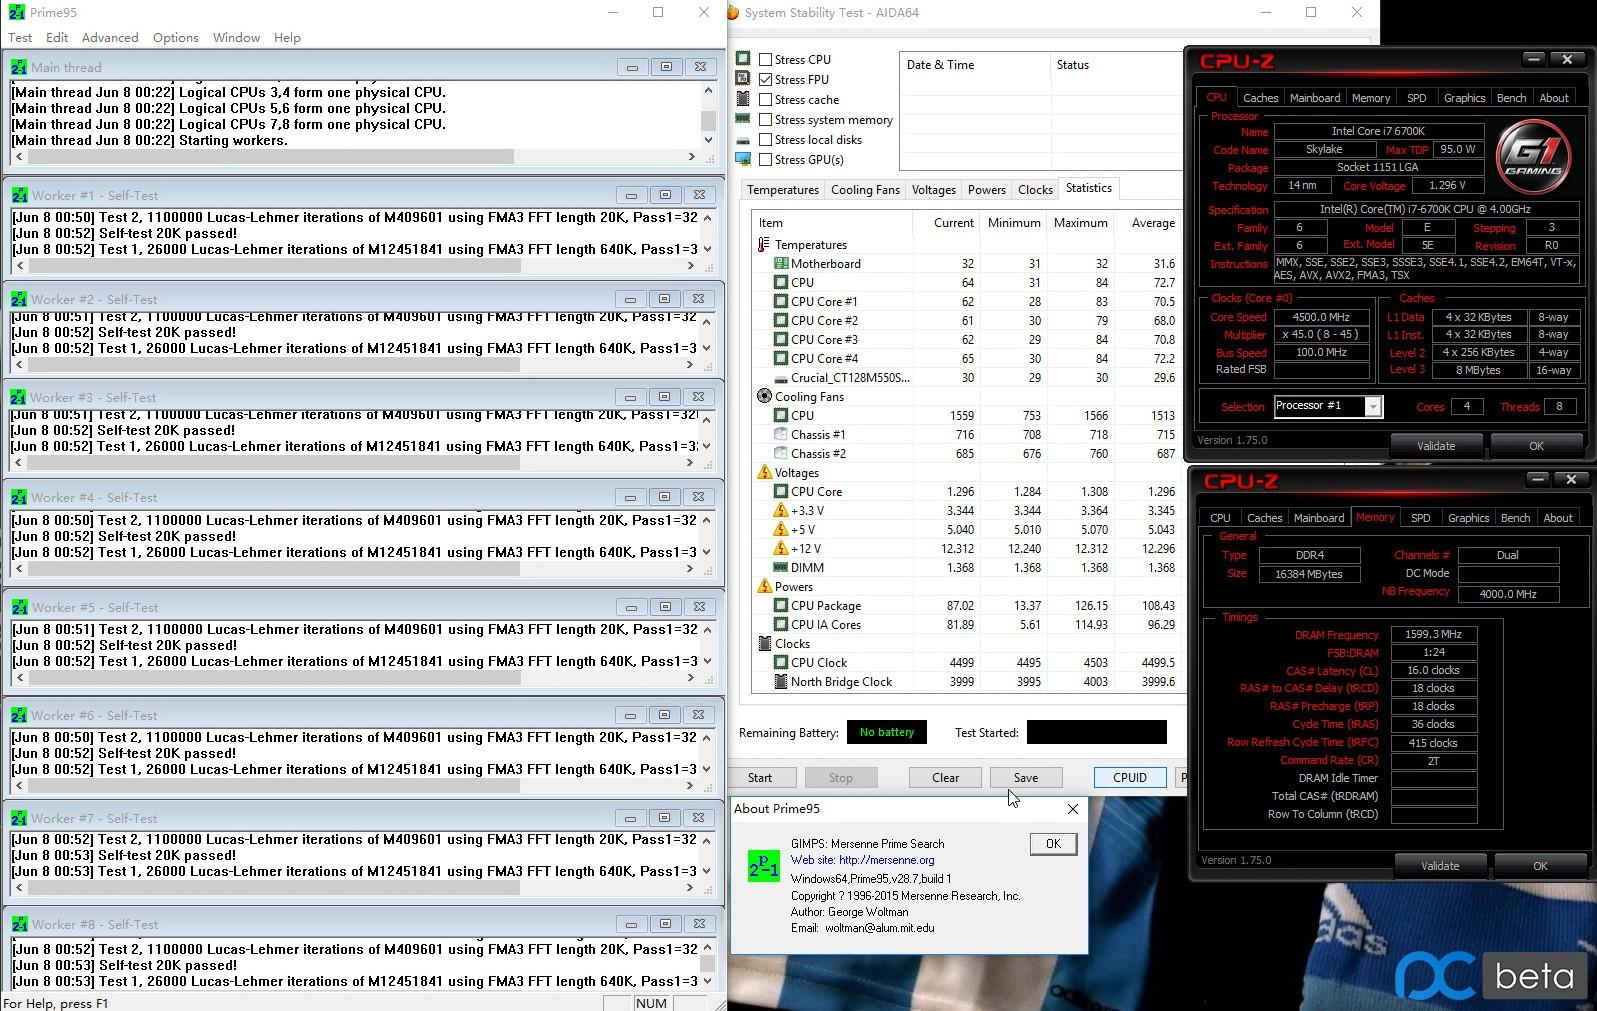 4.5g 1.31v prime95 空调23 后风扇max.jpg